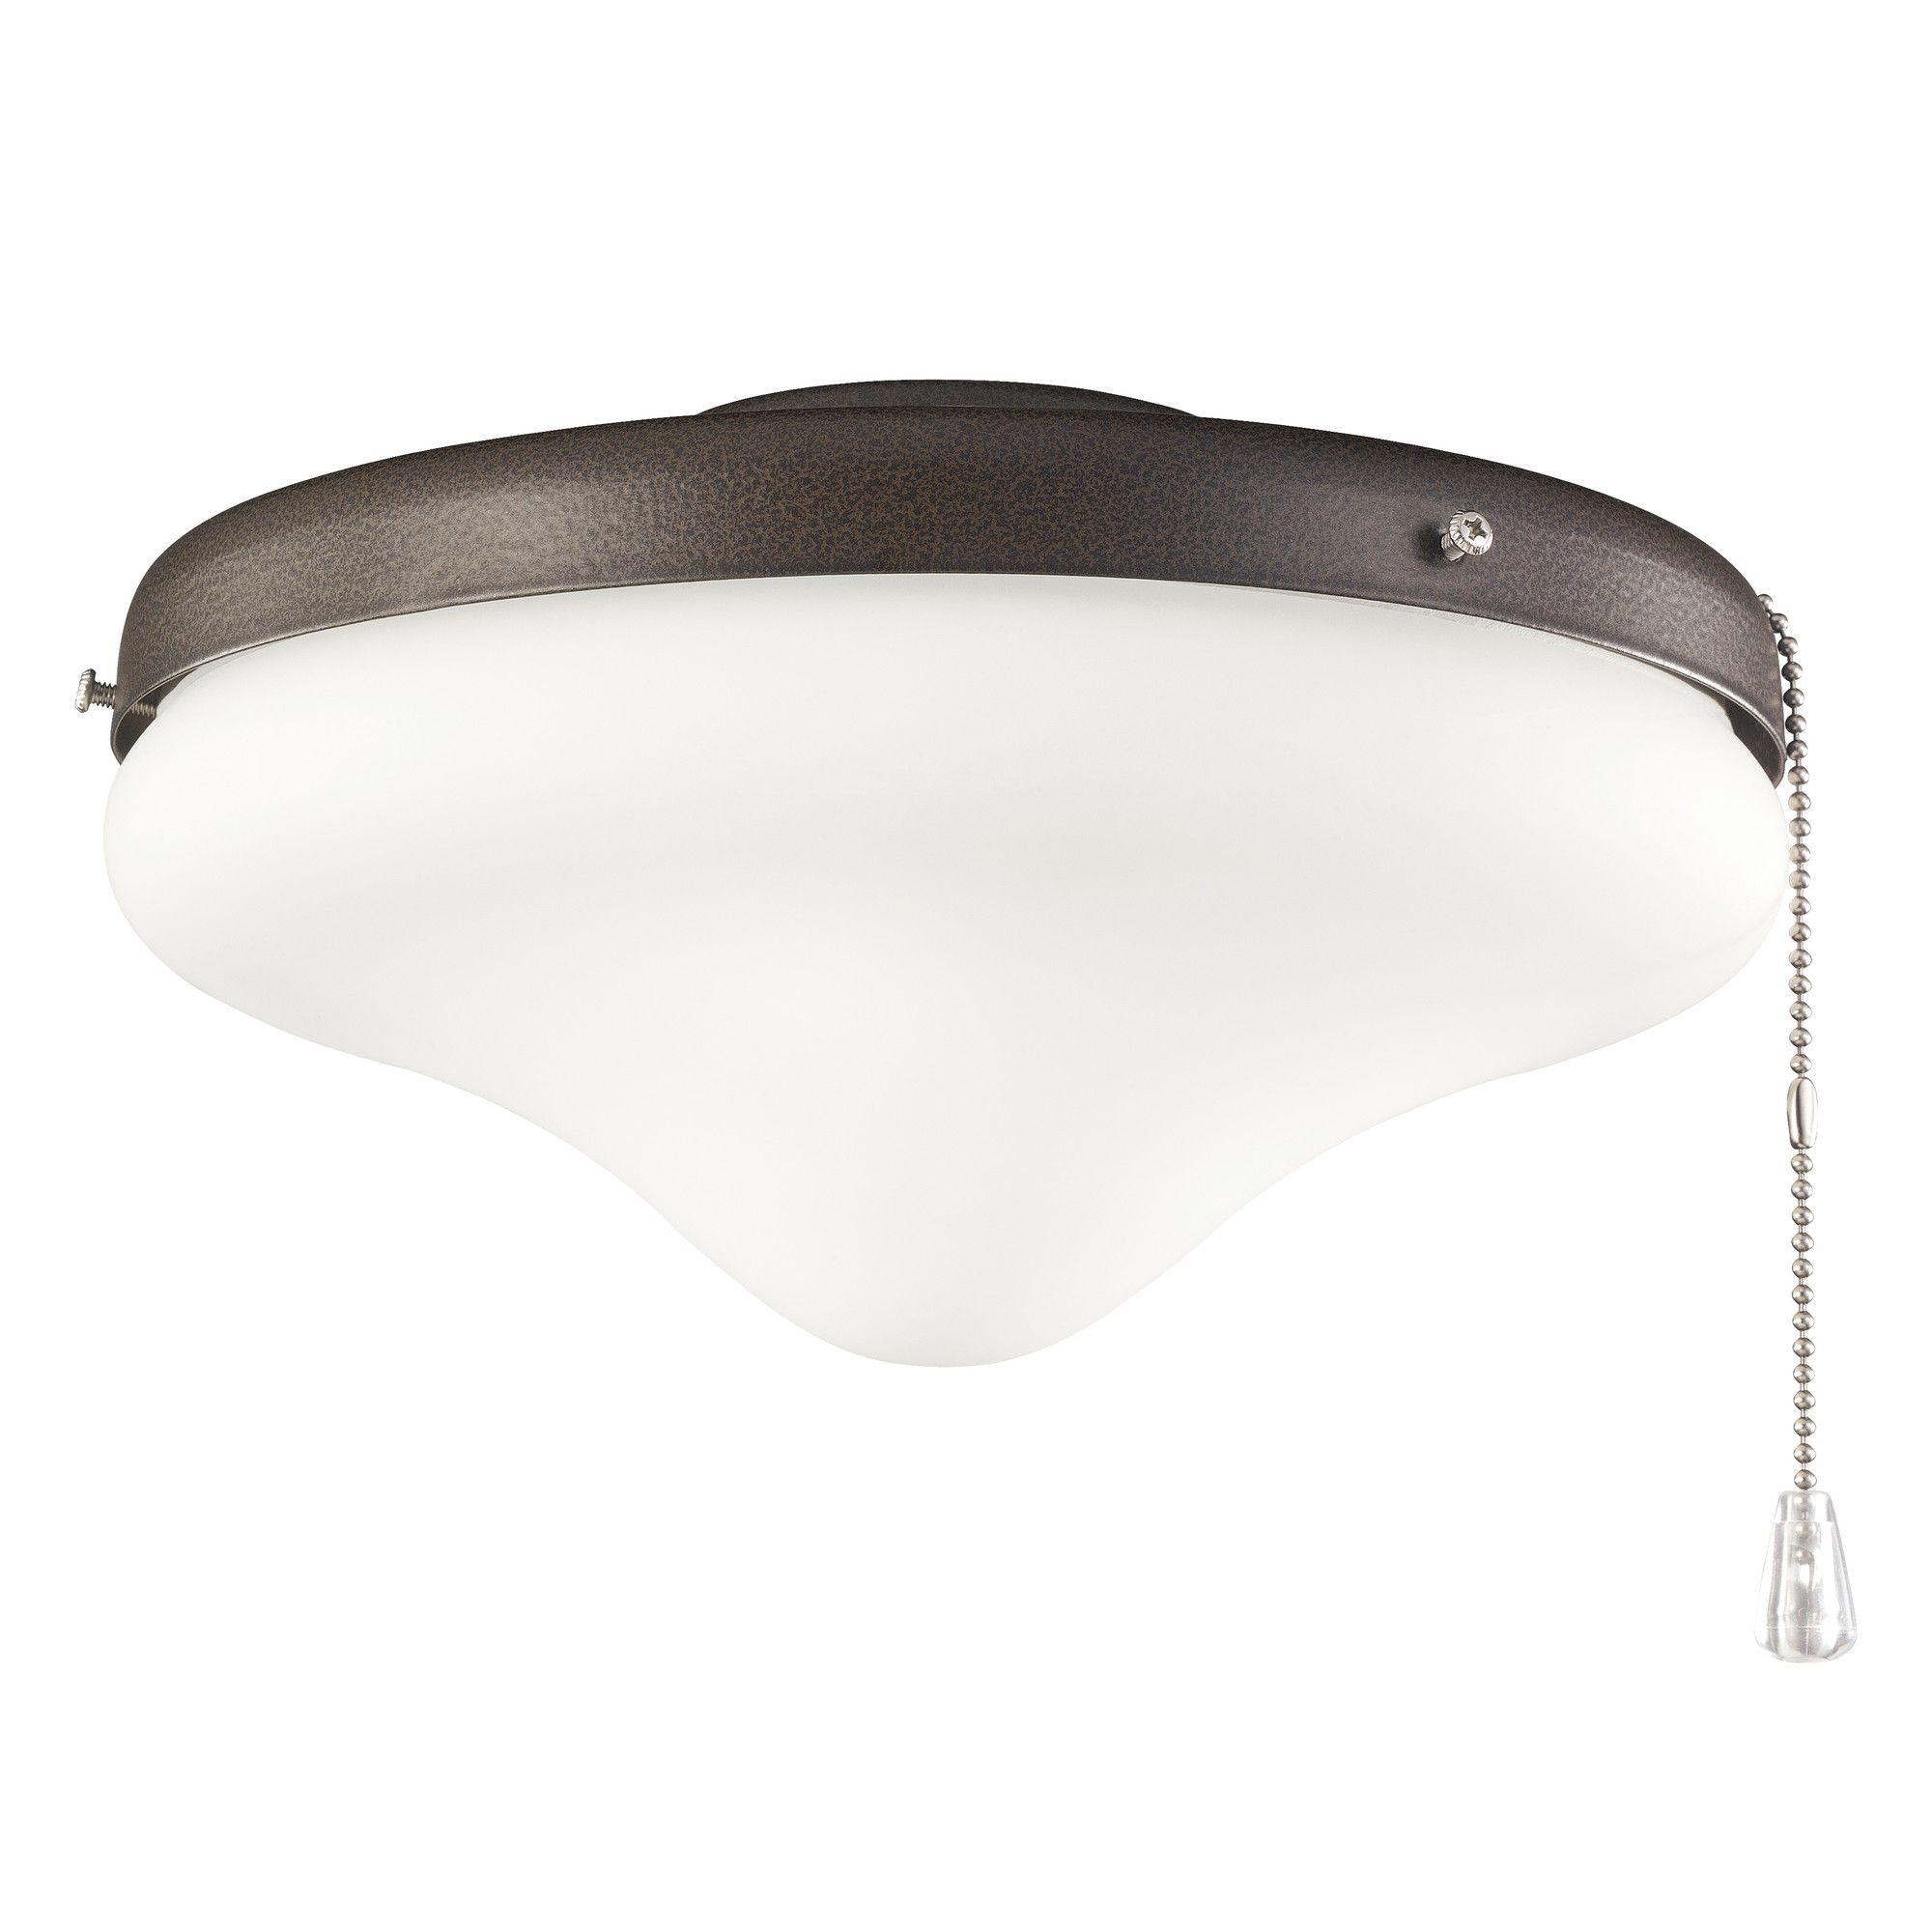 2 Light Schoolhouse Ceiling Fan Light Kit Lighting